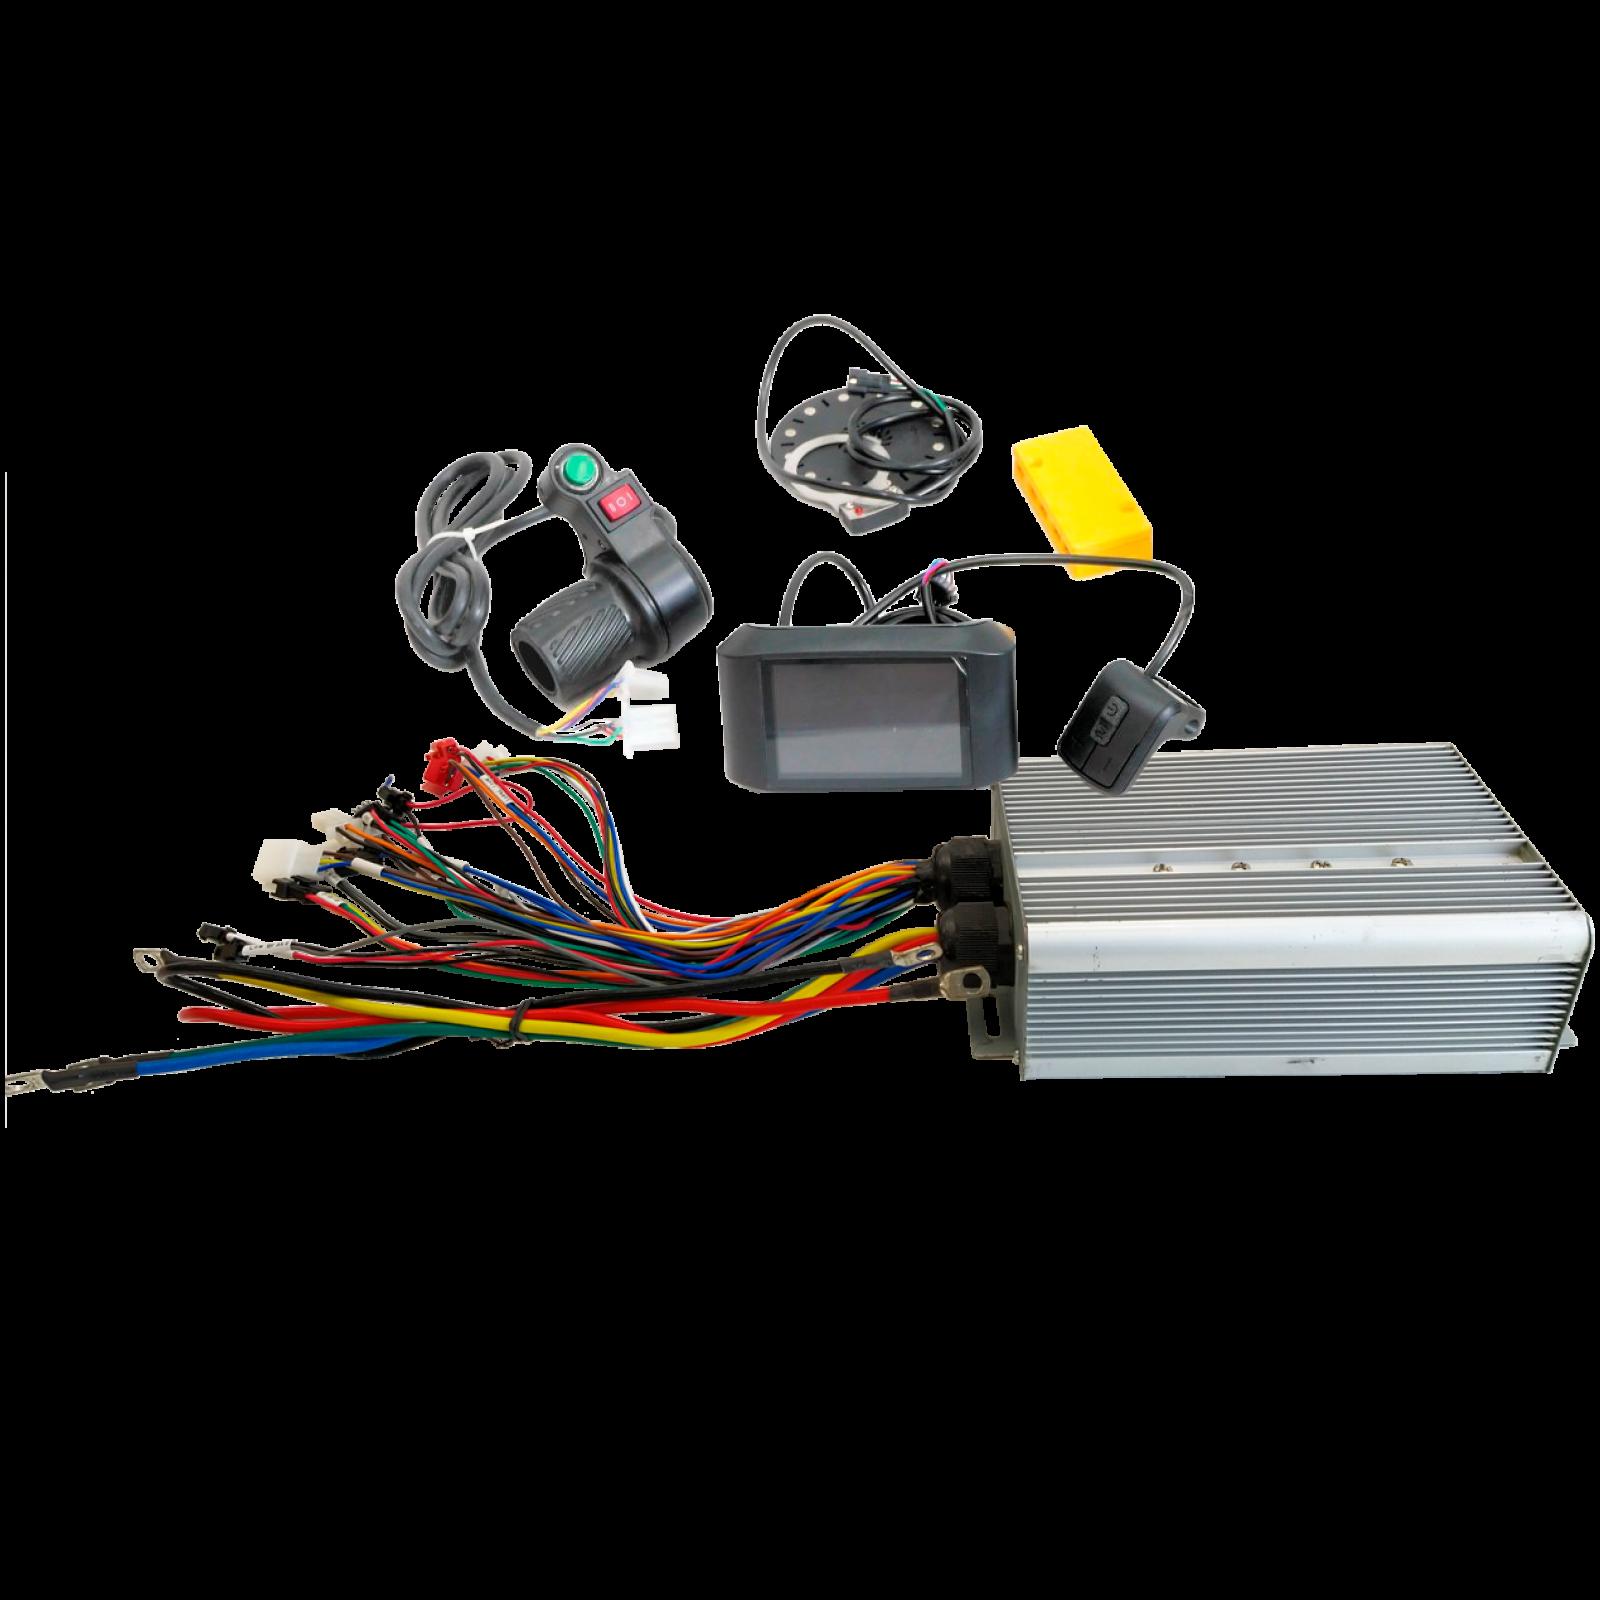 Набір GTS 72В 3000Вт TFT контролер для електровелосипеда